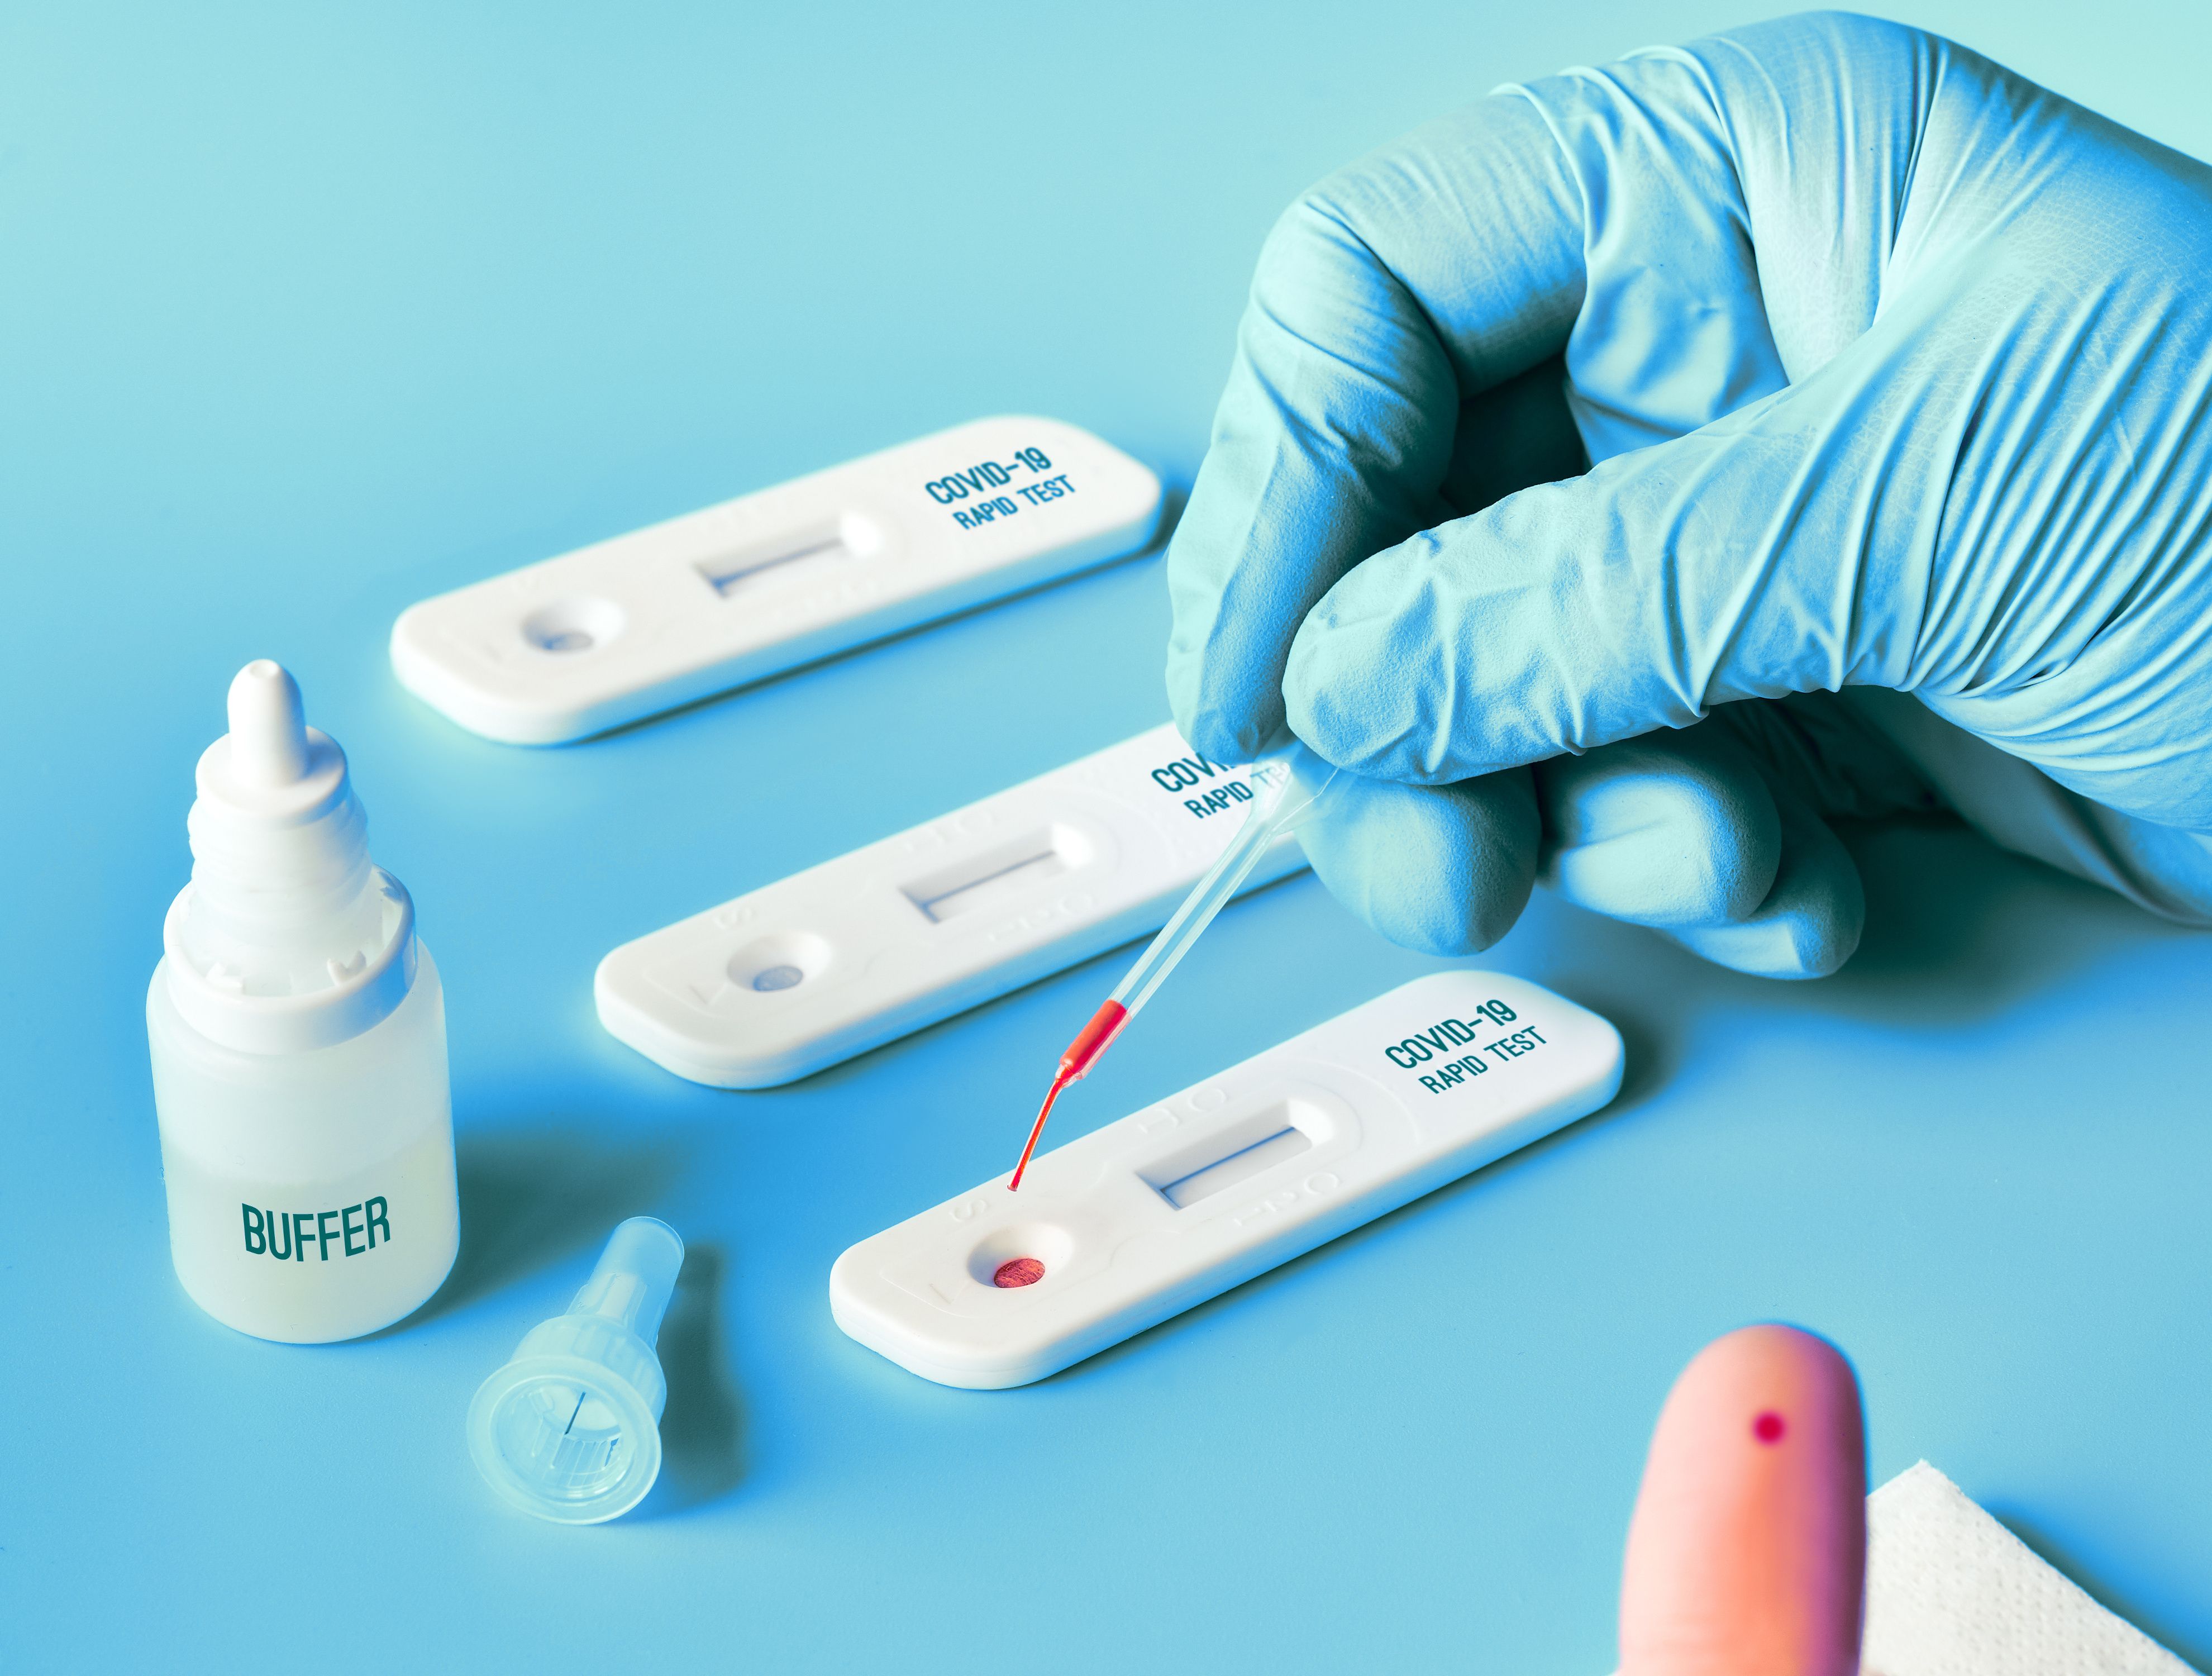 Bild COVID-19 Antikörpertest. Blutest zum Nachweis einer durchlebten SARS-CoV-2 Infektion oder Impfung.